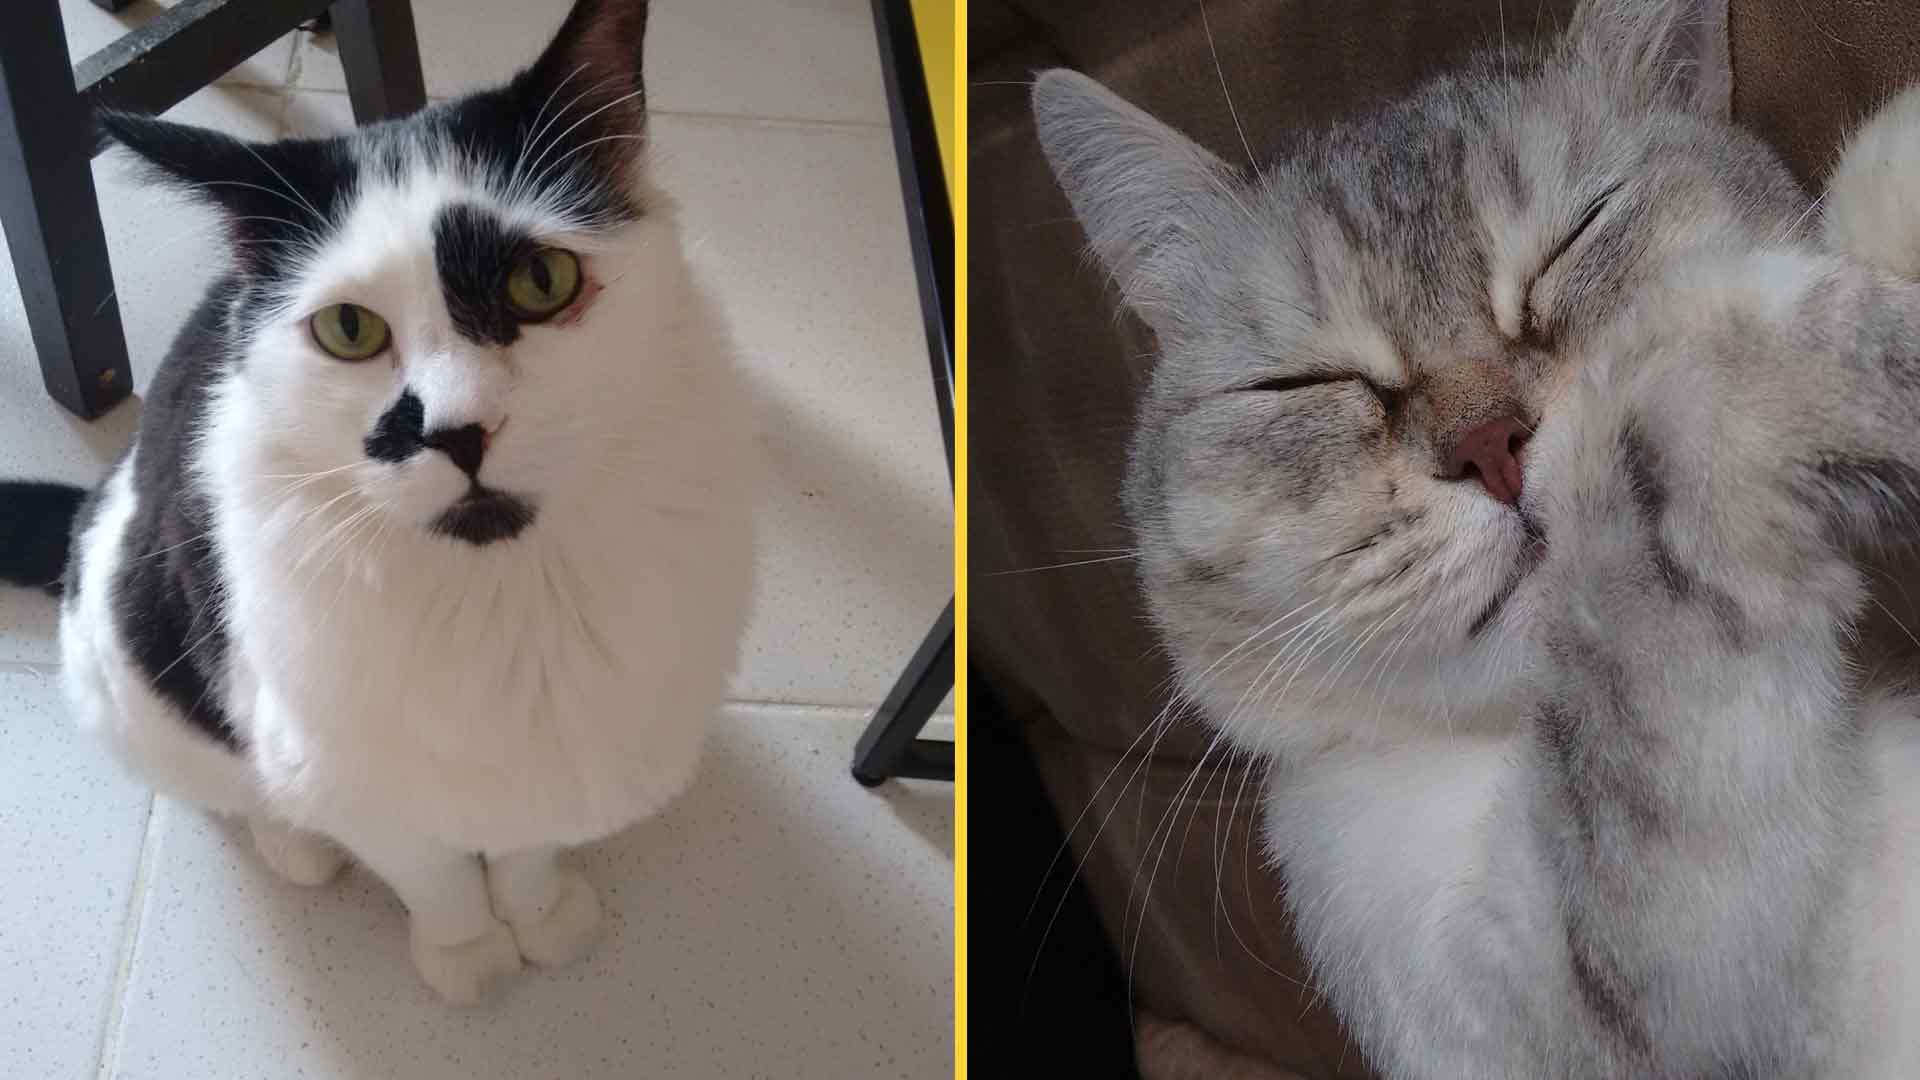 Vince e Mia, os felinos de Lígia